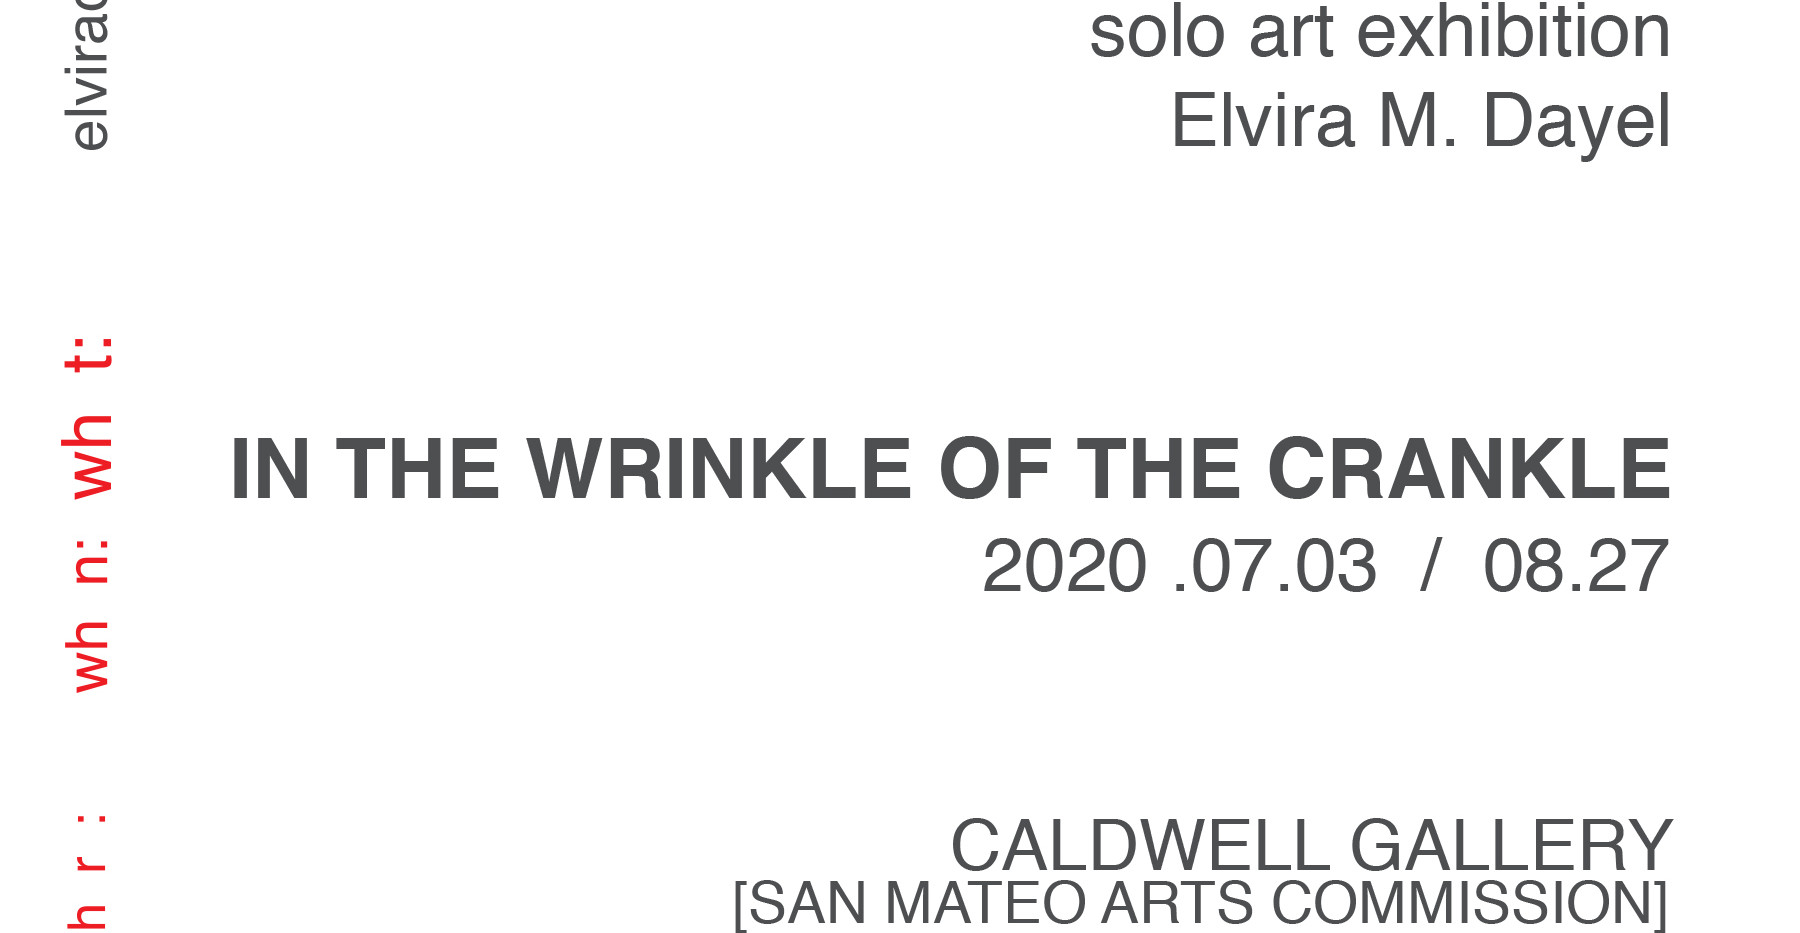 Wrinkle & Crankle_Front&Back-6x6in-Back.